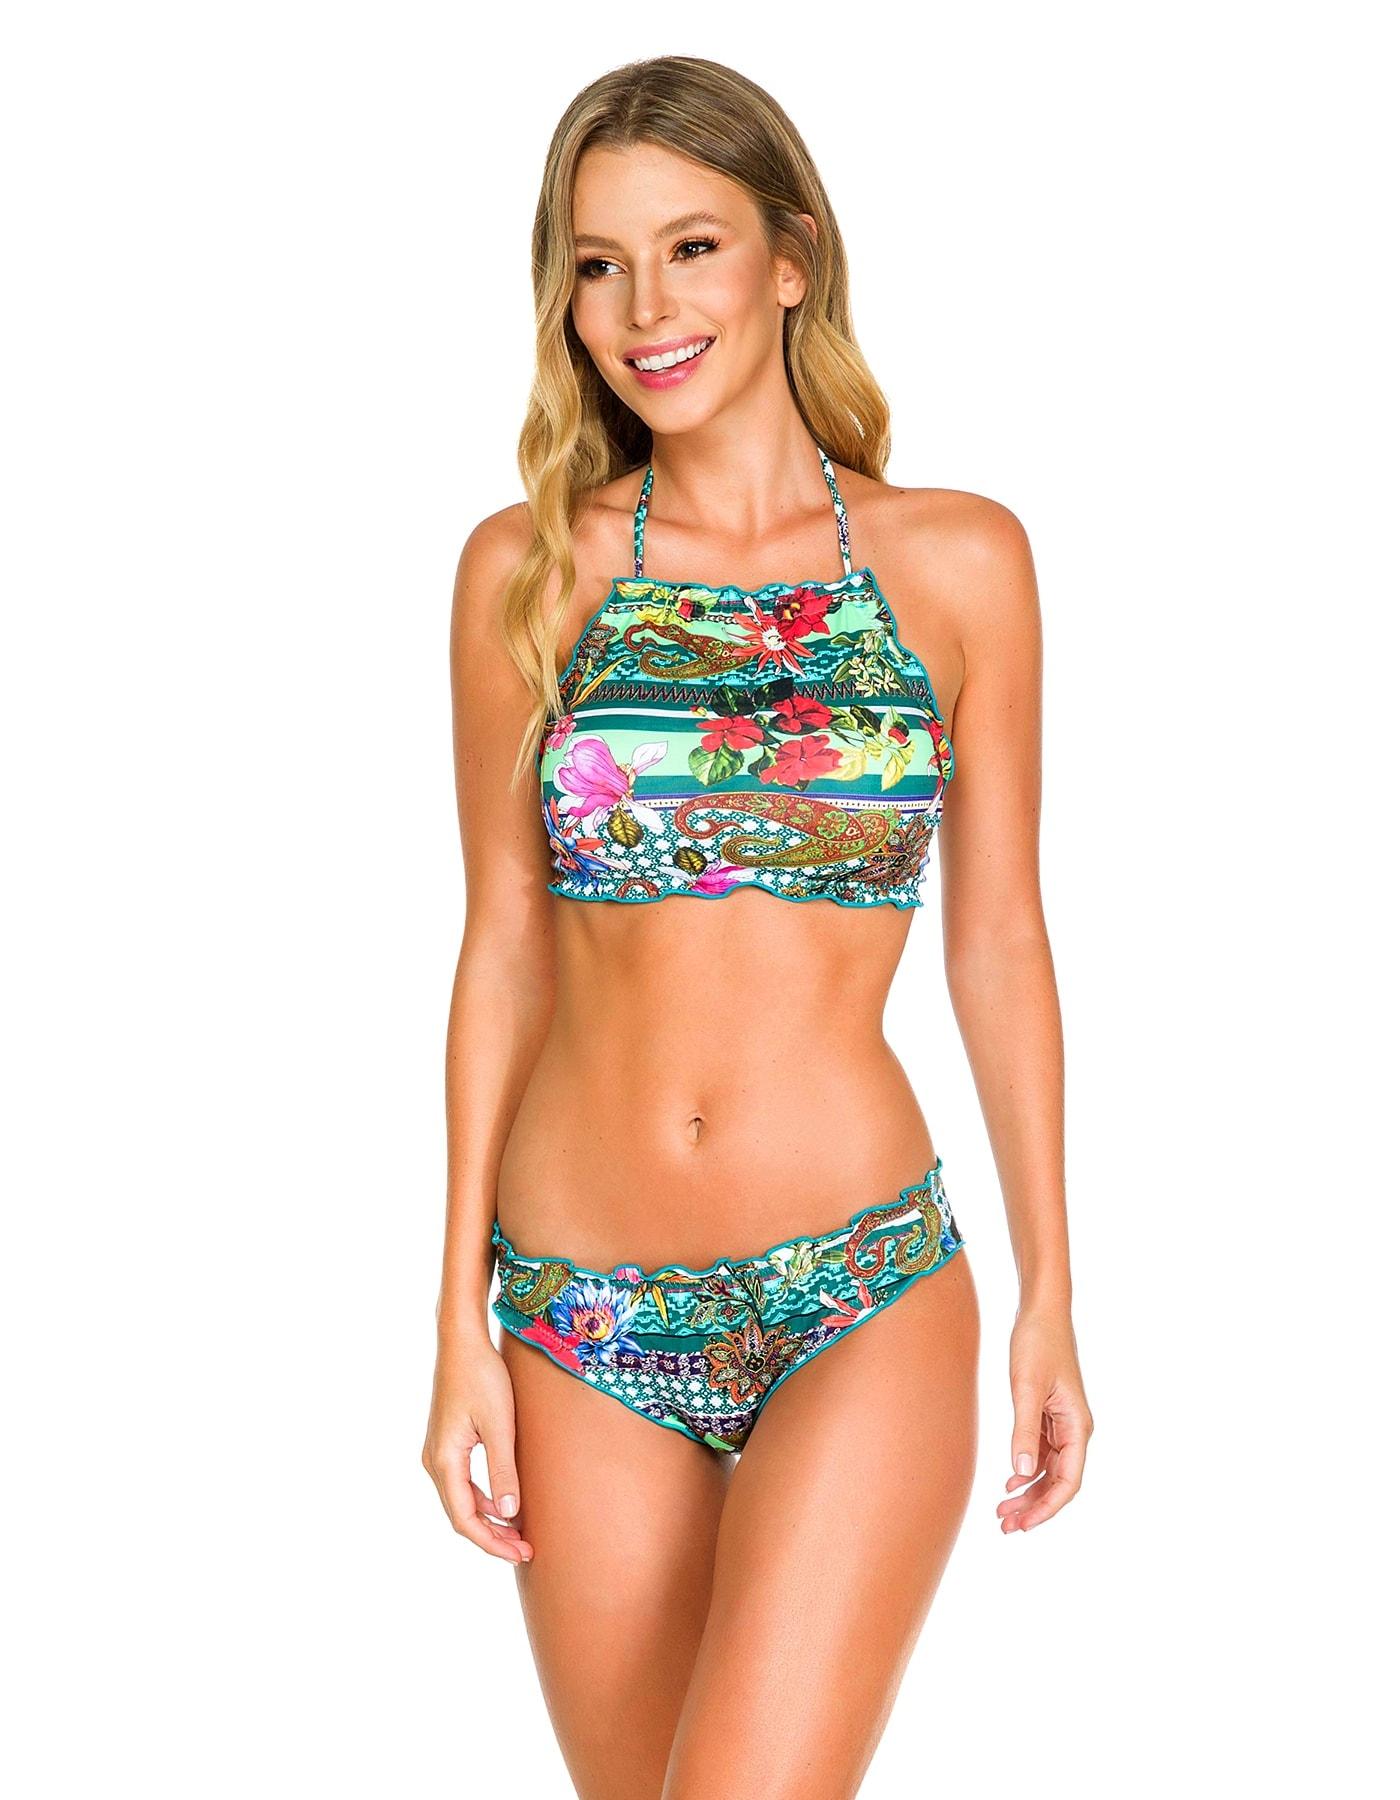 Crop Top Bikini floral anudado en cuello y espalda C